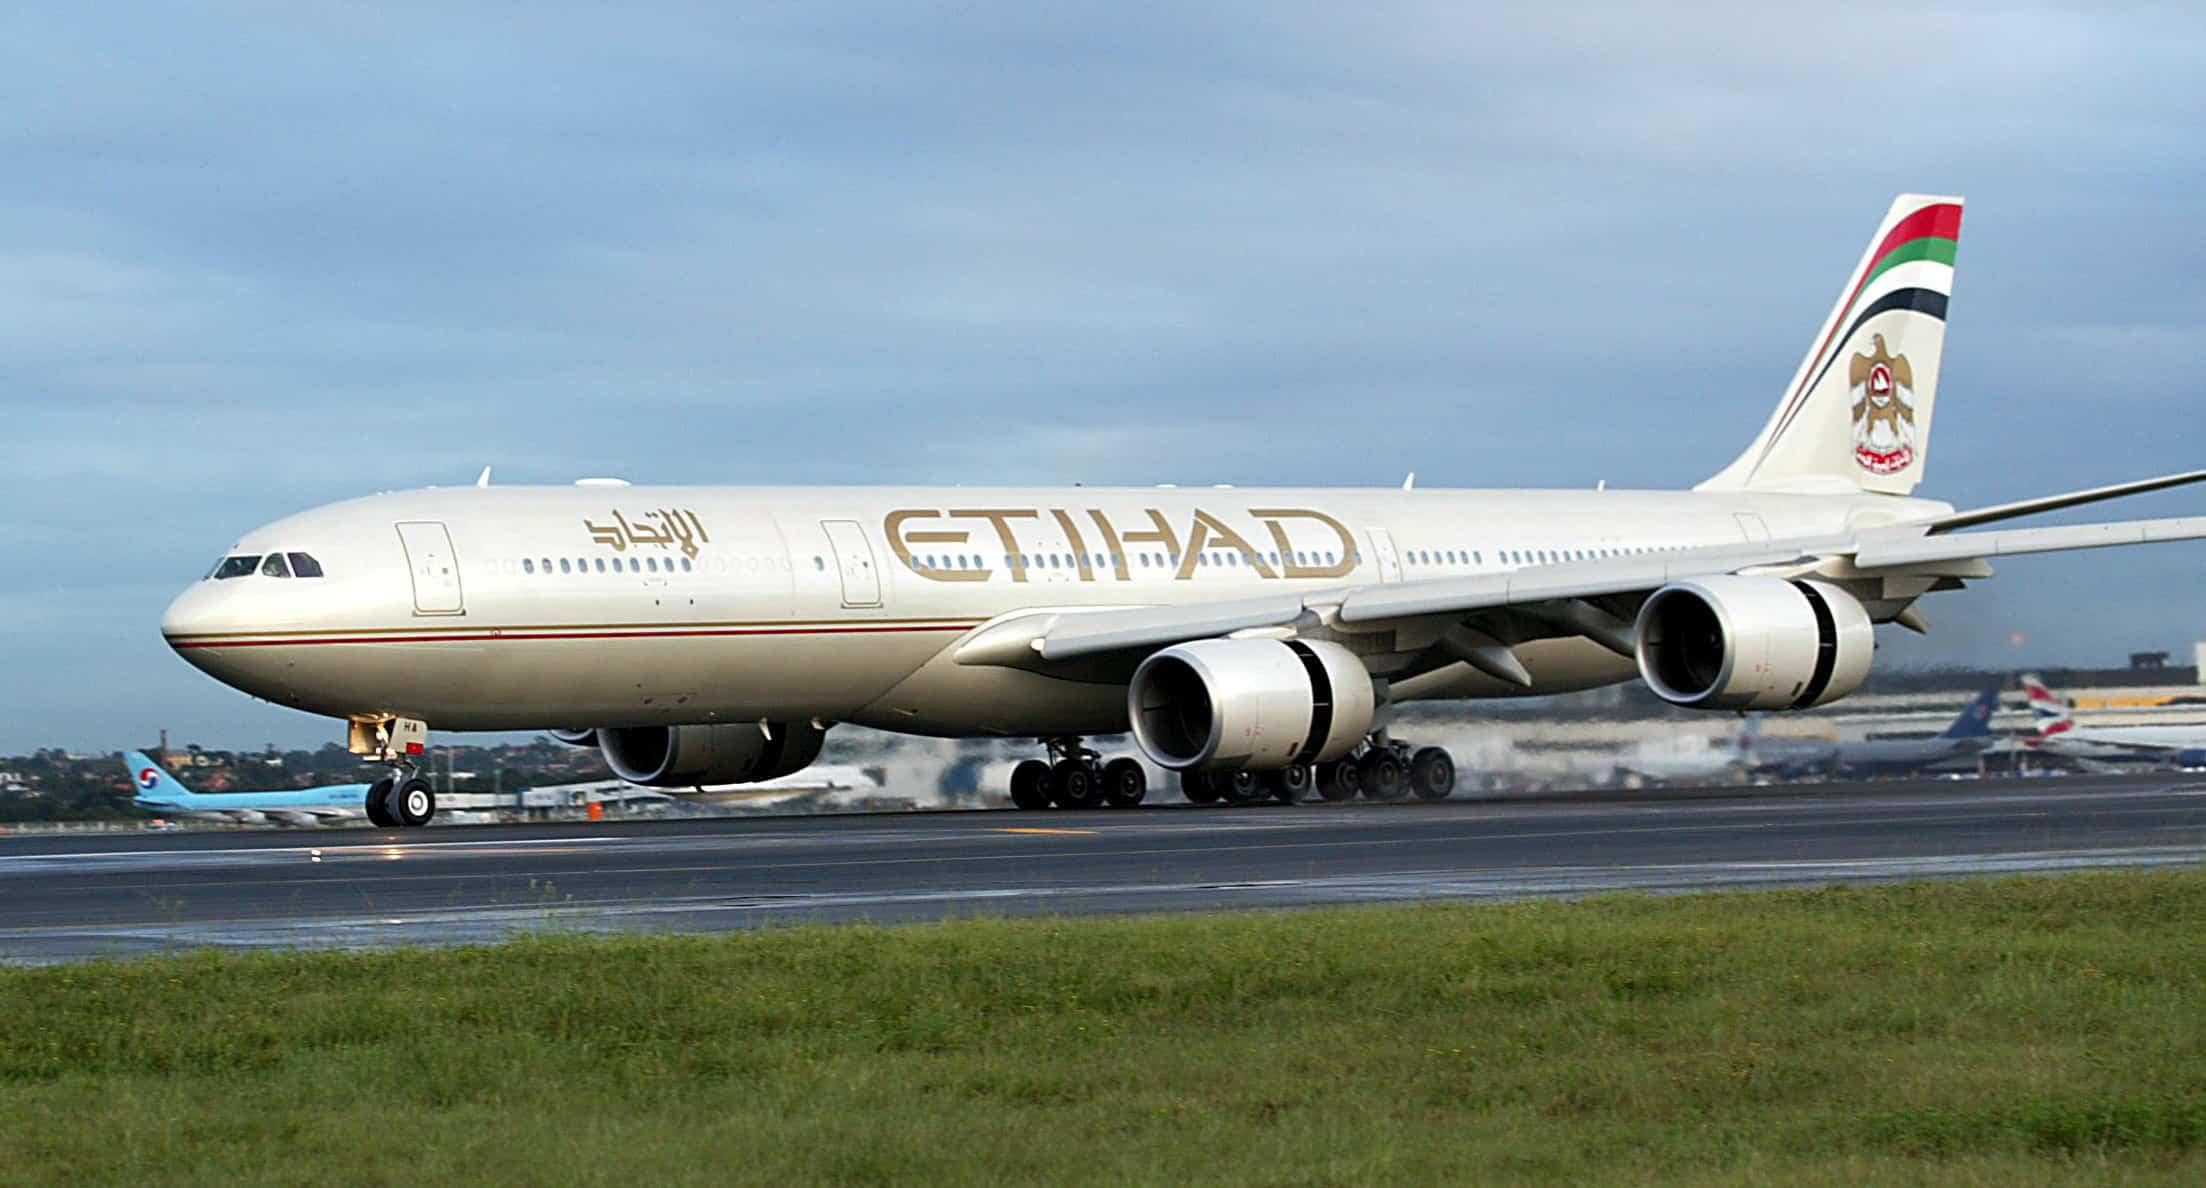 Een vliegtuig van Etihad